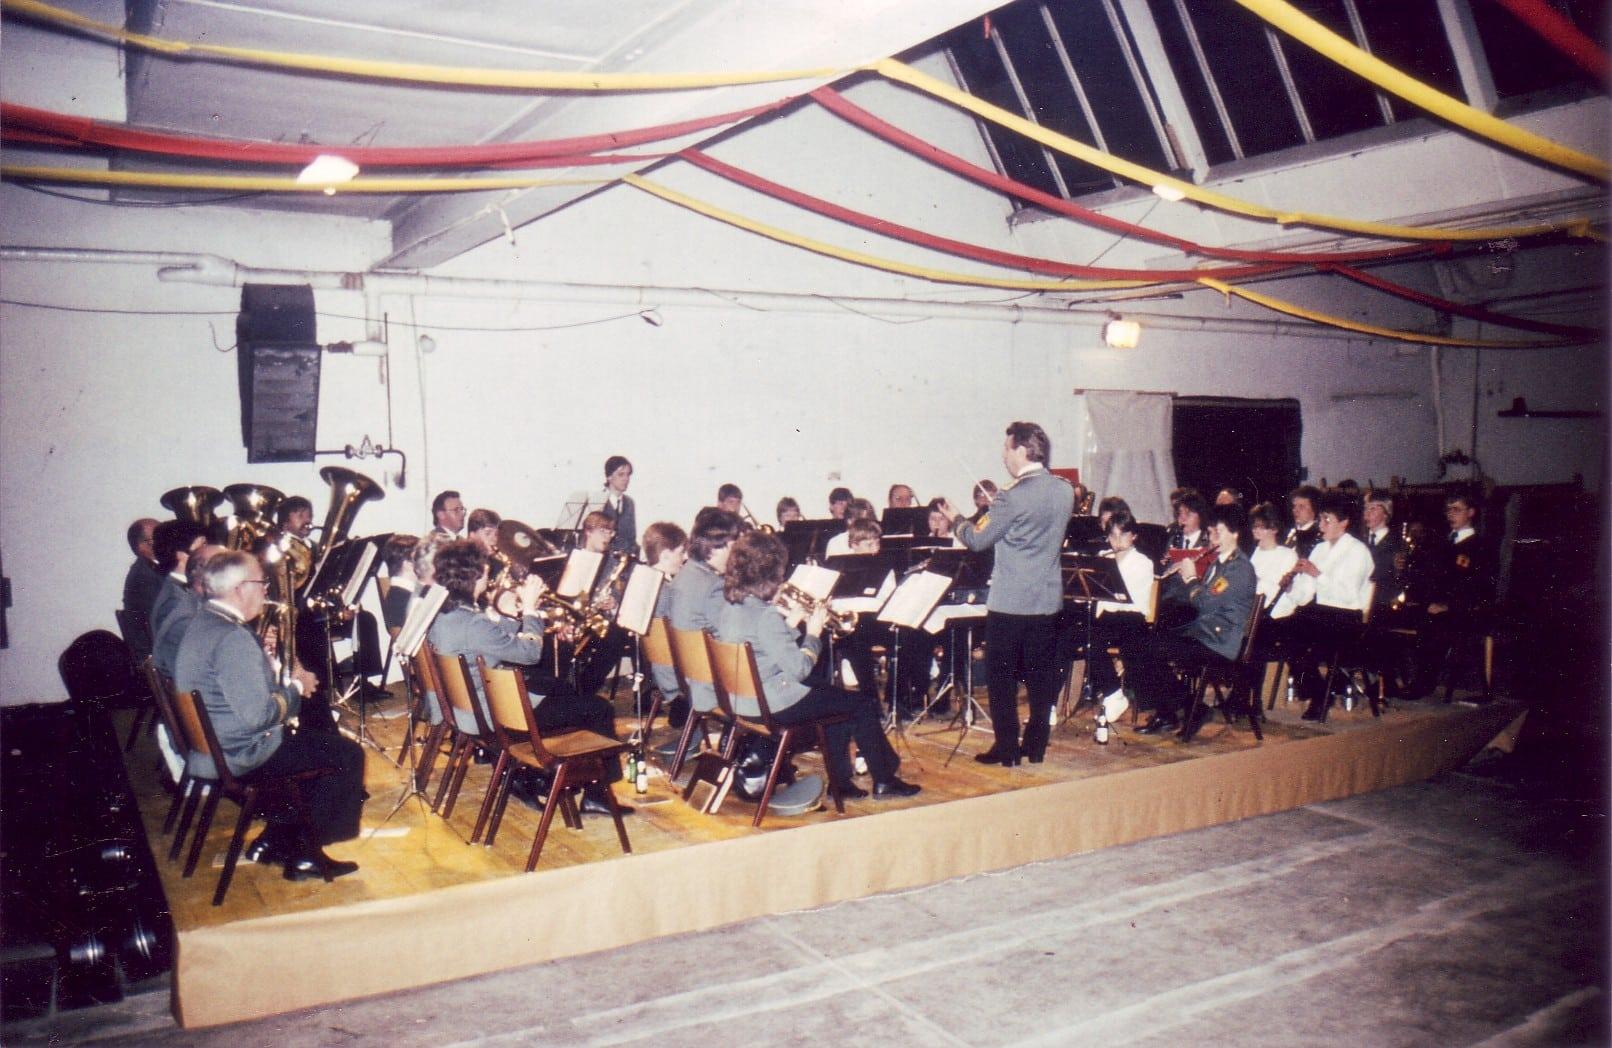 1985 - Konzert im alten Kramer Gebäude